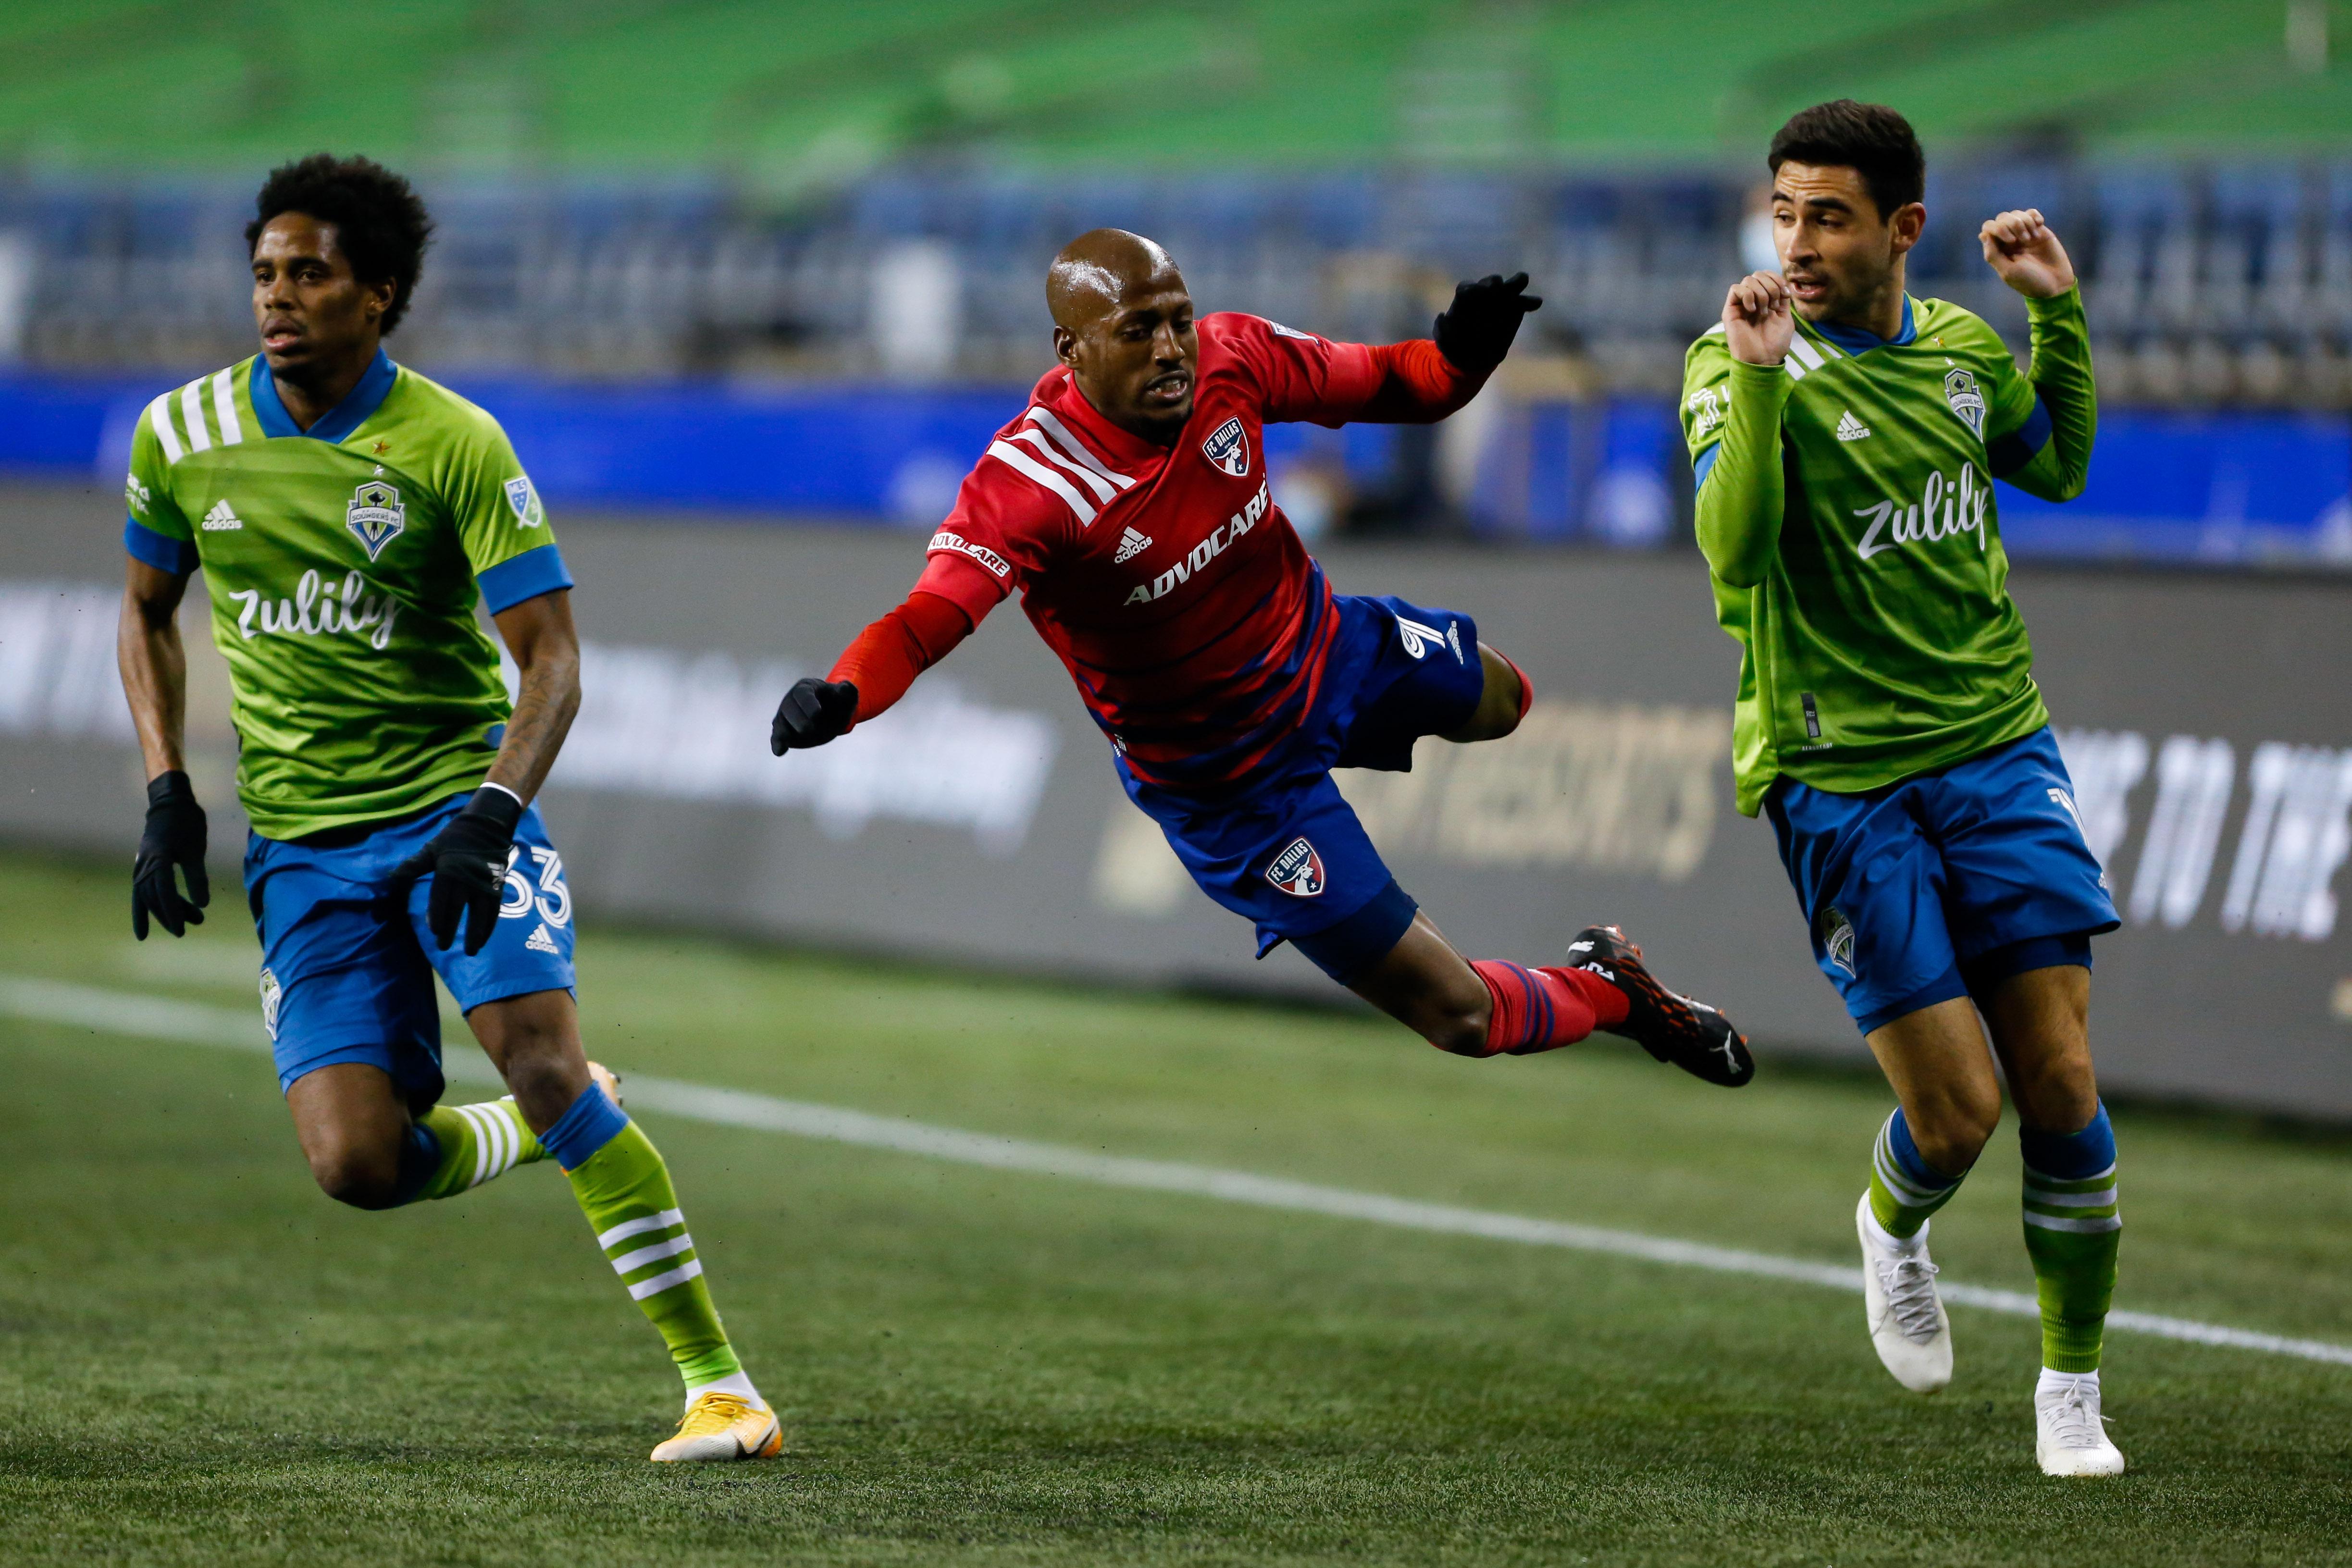 美国职业足球大联盟杯半决赛-达拉斯在西雅图声音队